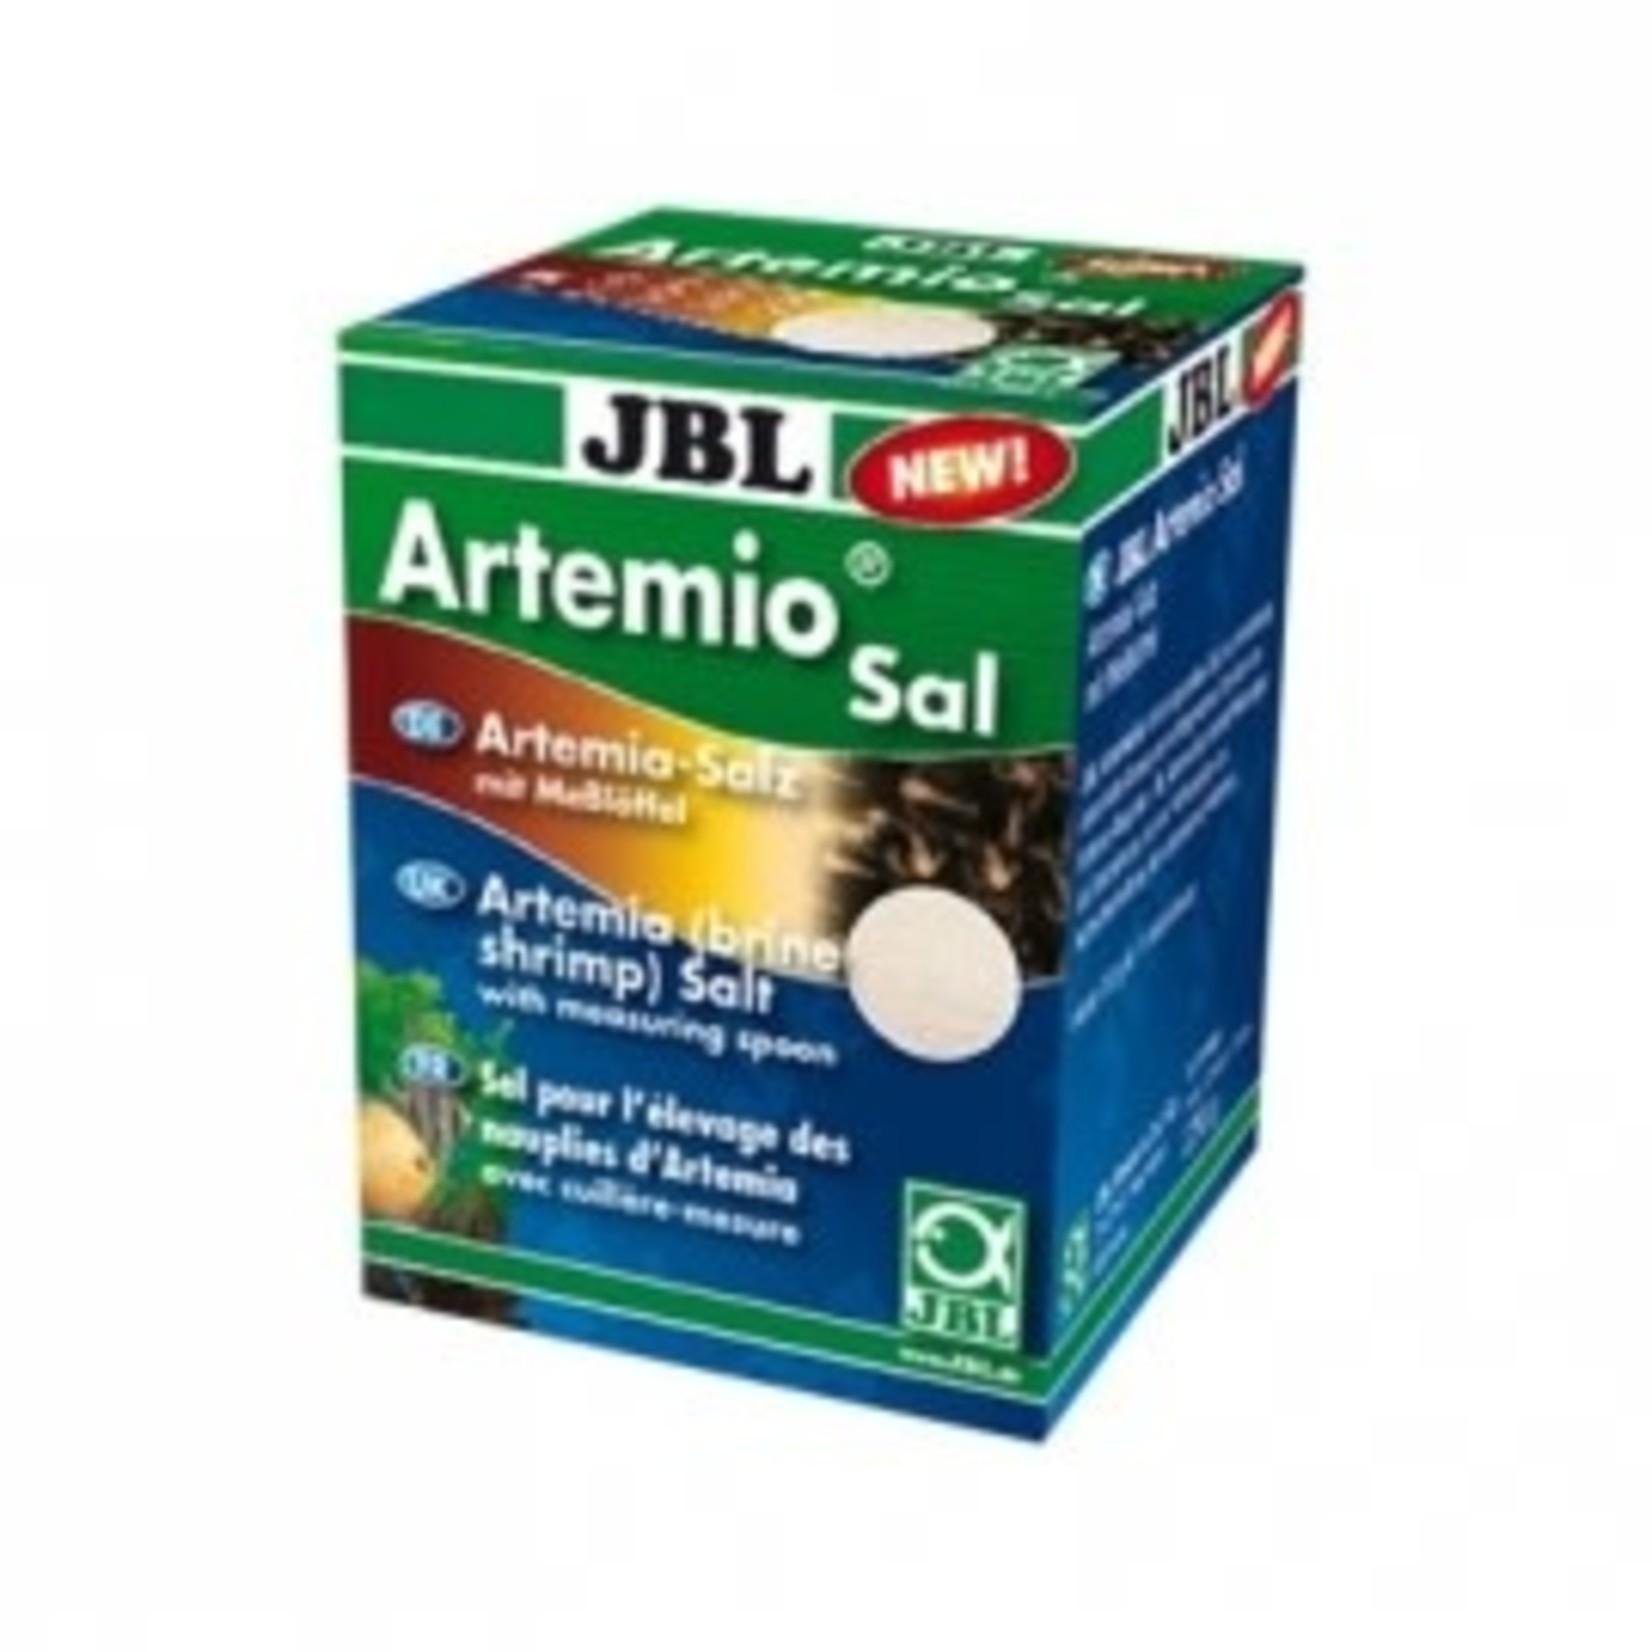 JBL ARTEMIO Sal JBL 200ml